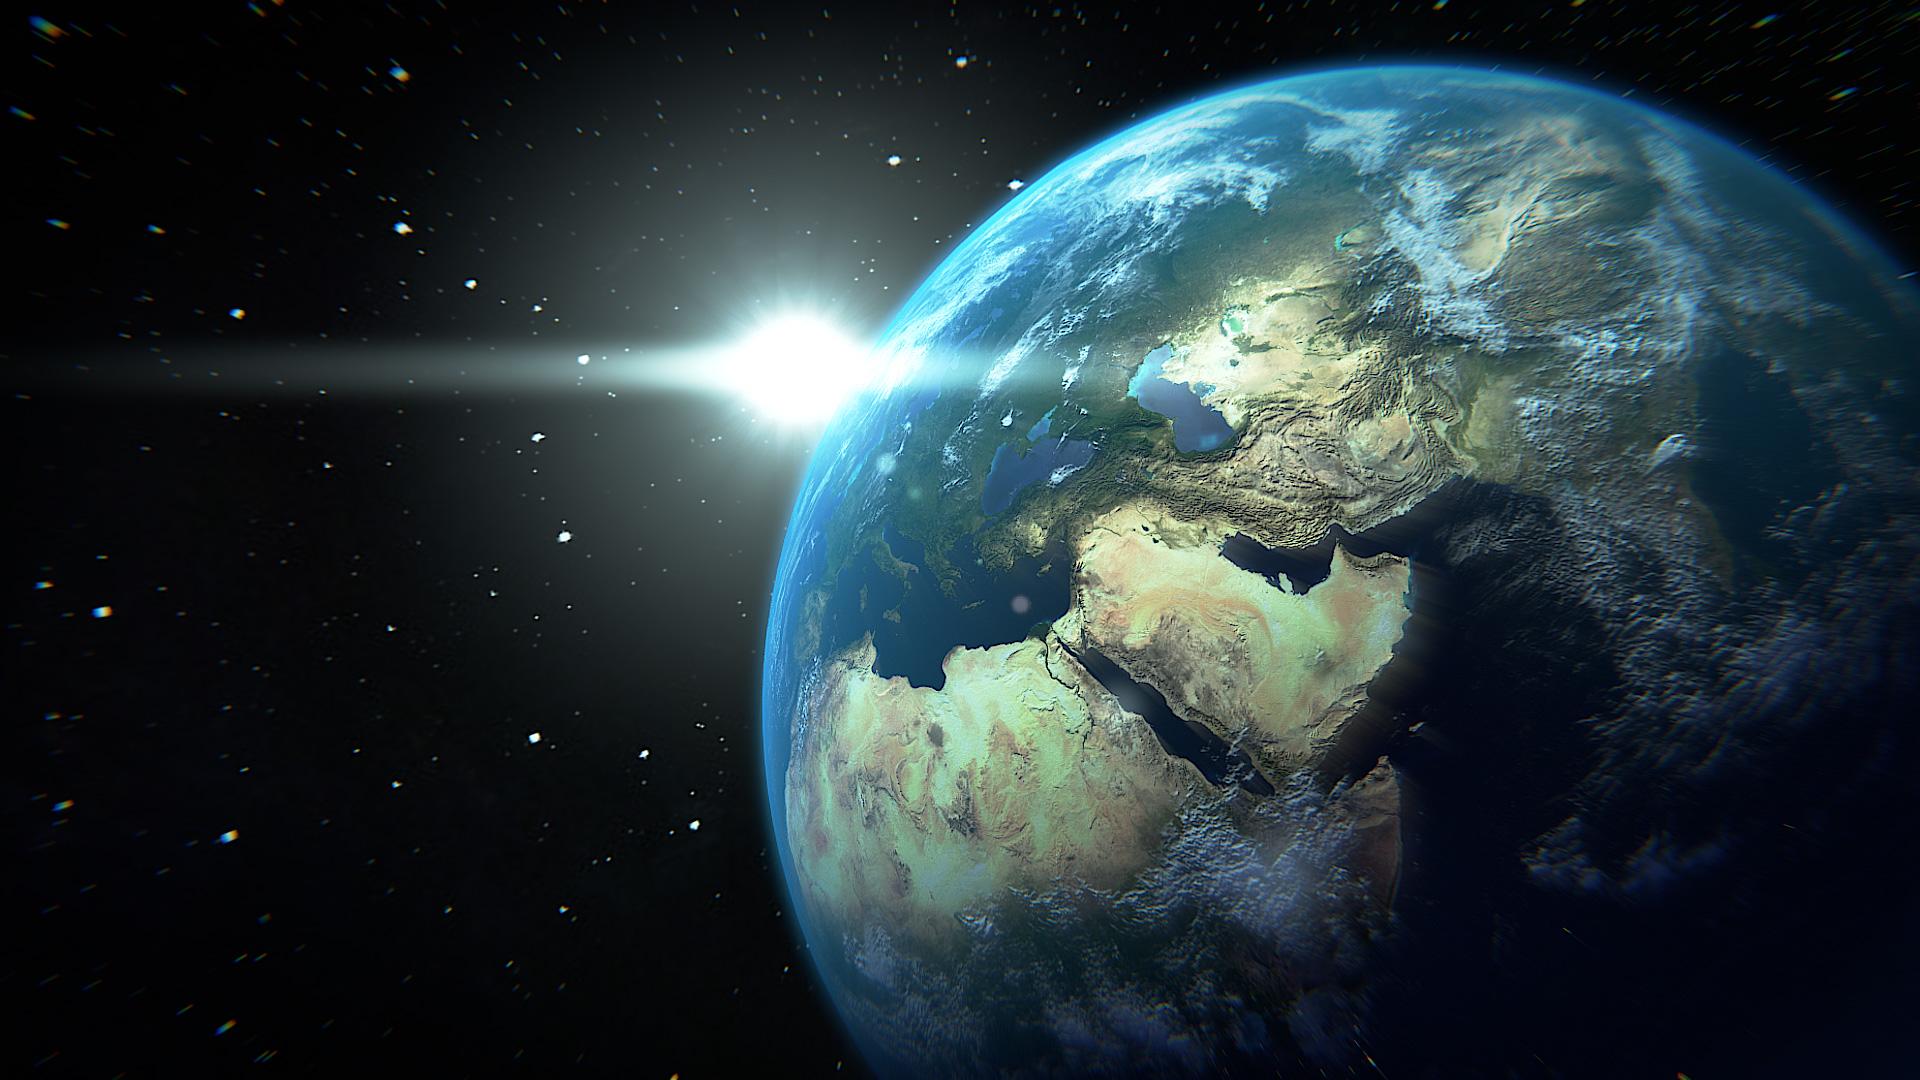 метрополитен фото земного шара из космоса высокого разрешения неё